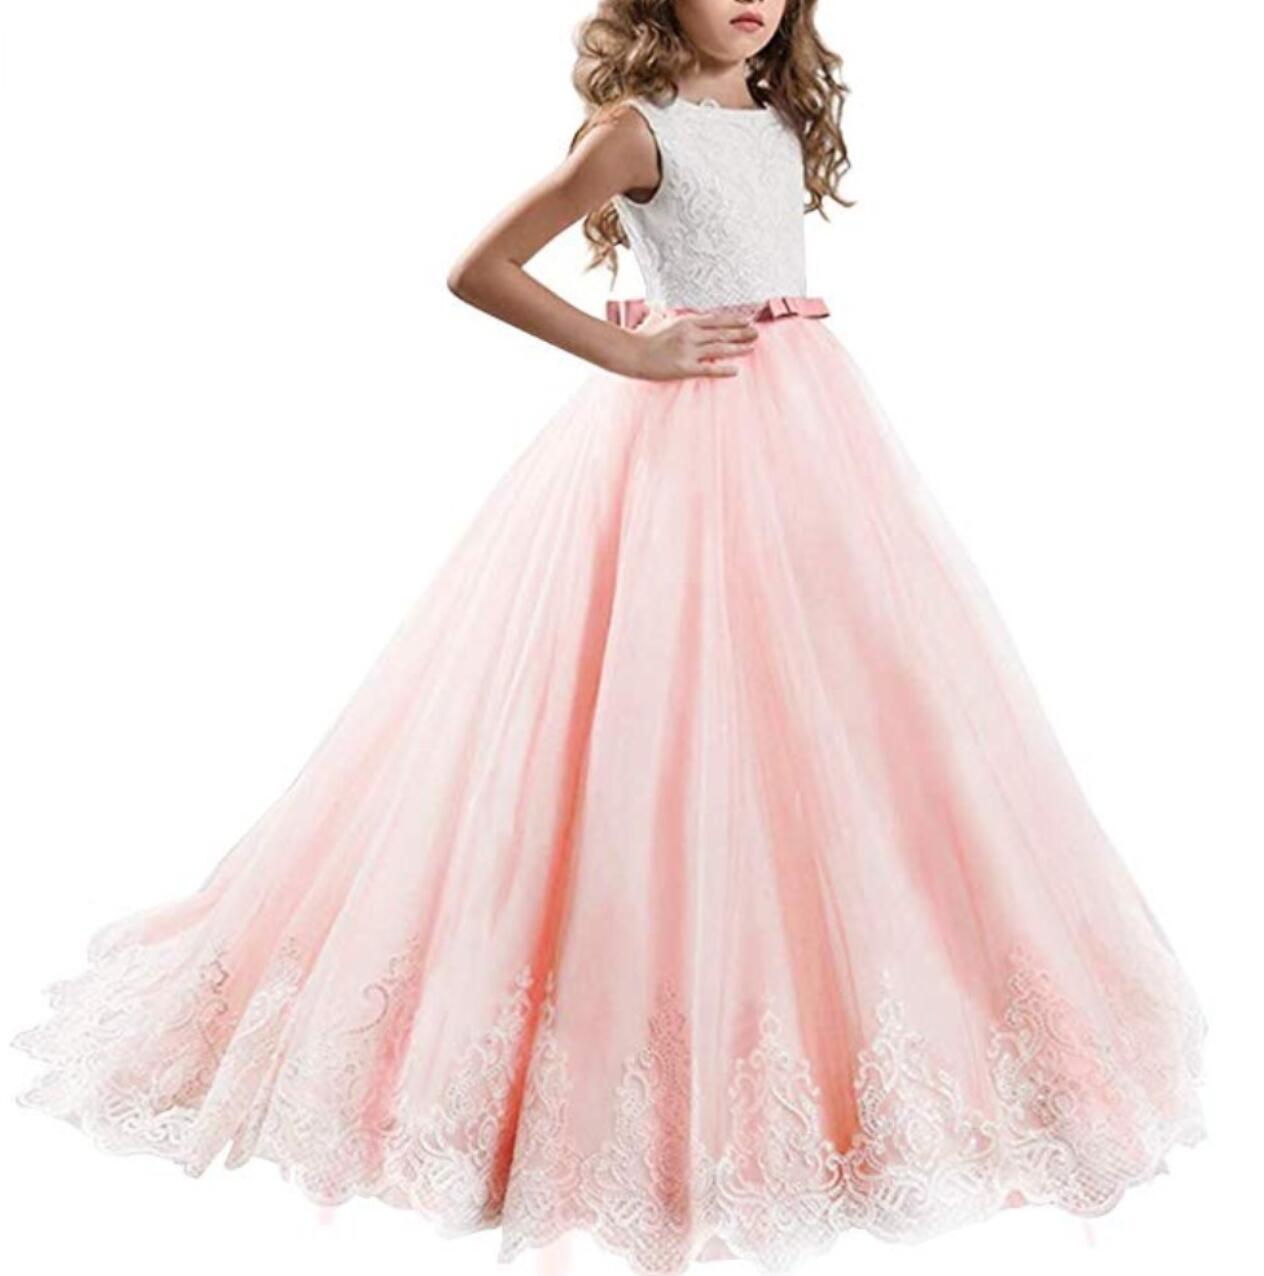 Meisjeskleding Meisjes Feestjurk Yara - roze